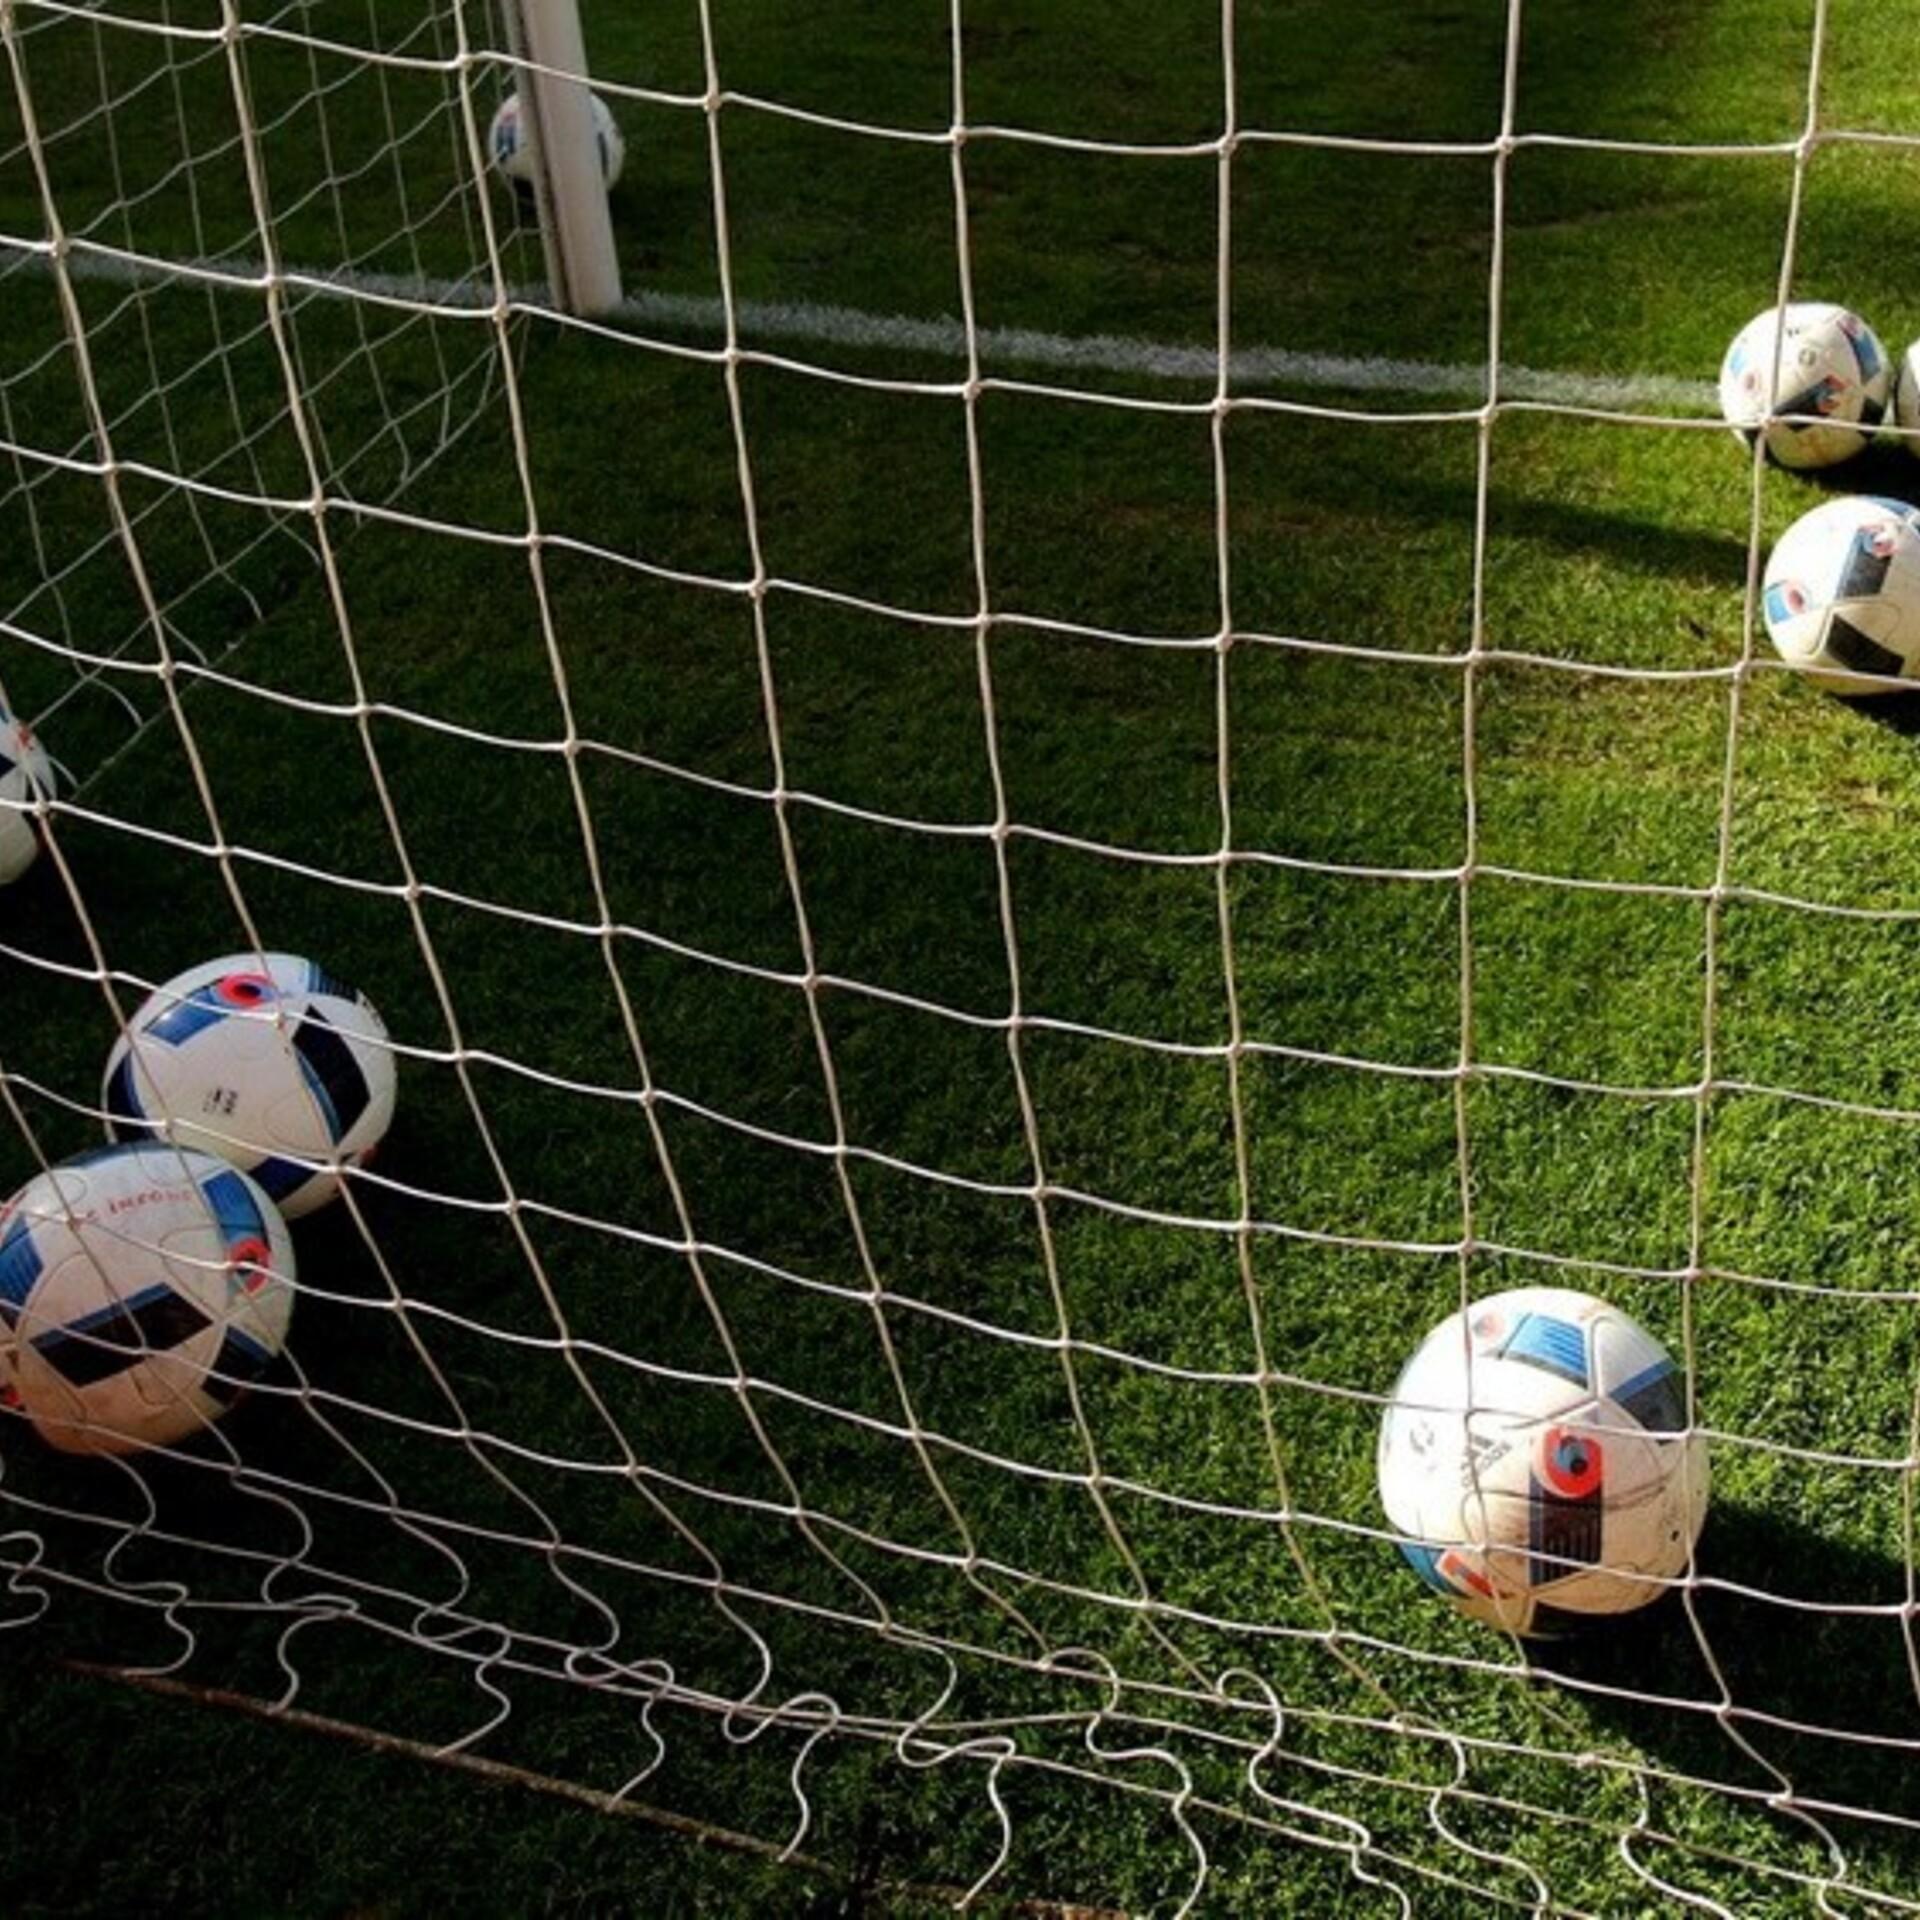 a2a246c8a6b Eesti U-19 koondis võõrustab kahes mängus Aserbaidžaani | Jalgpall | ERR